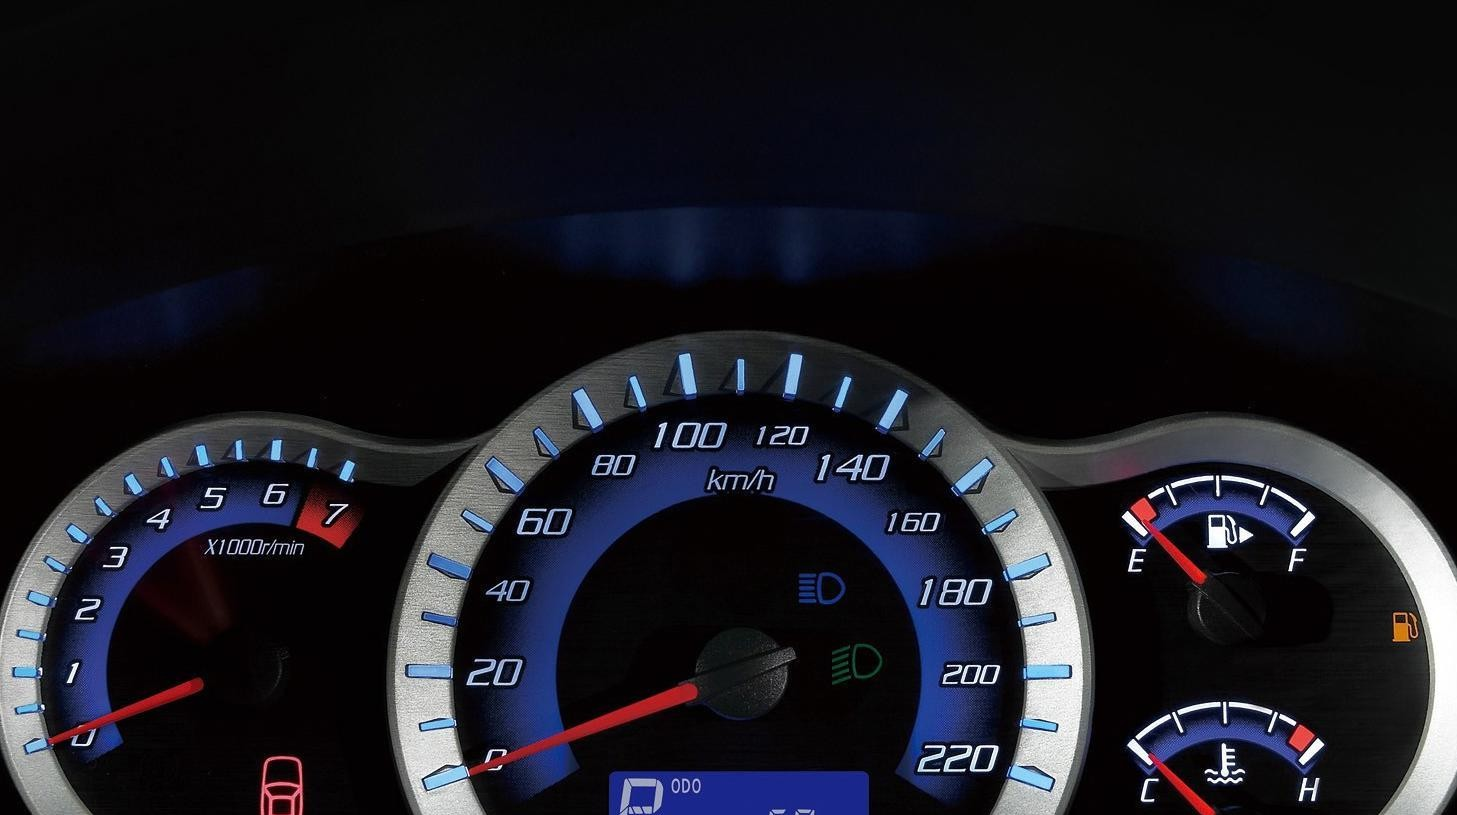 欣赏下帅气的车型长安CX30,饱满秀美的外形设计,线条很硬朗